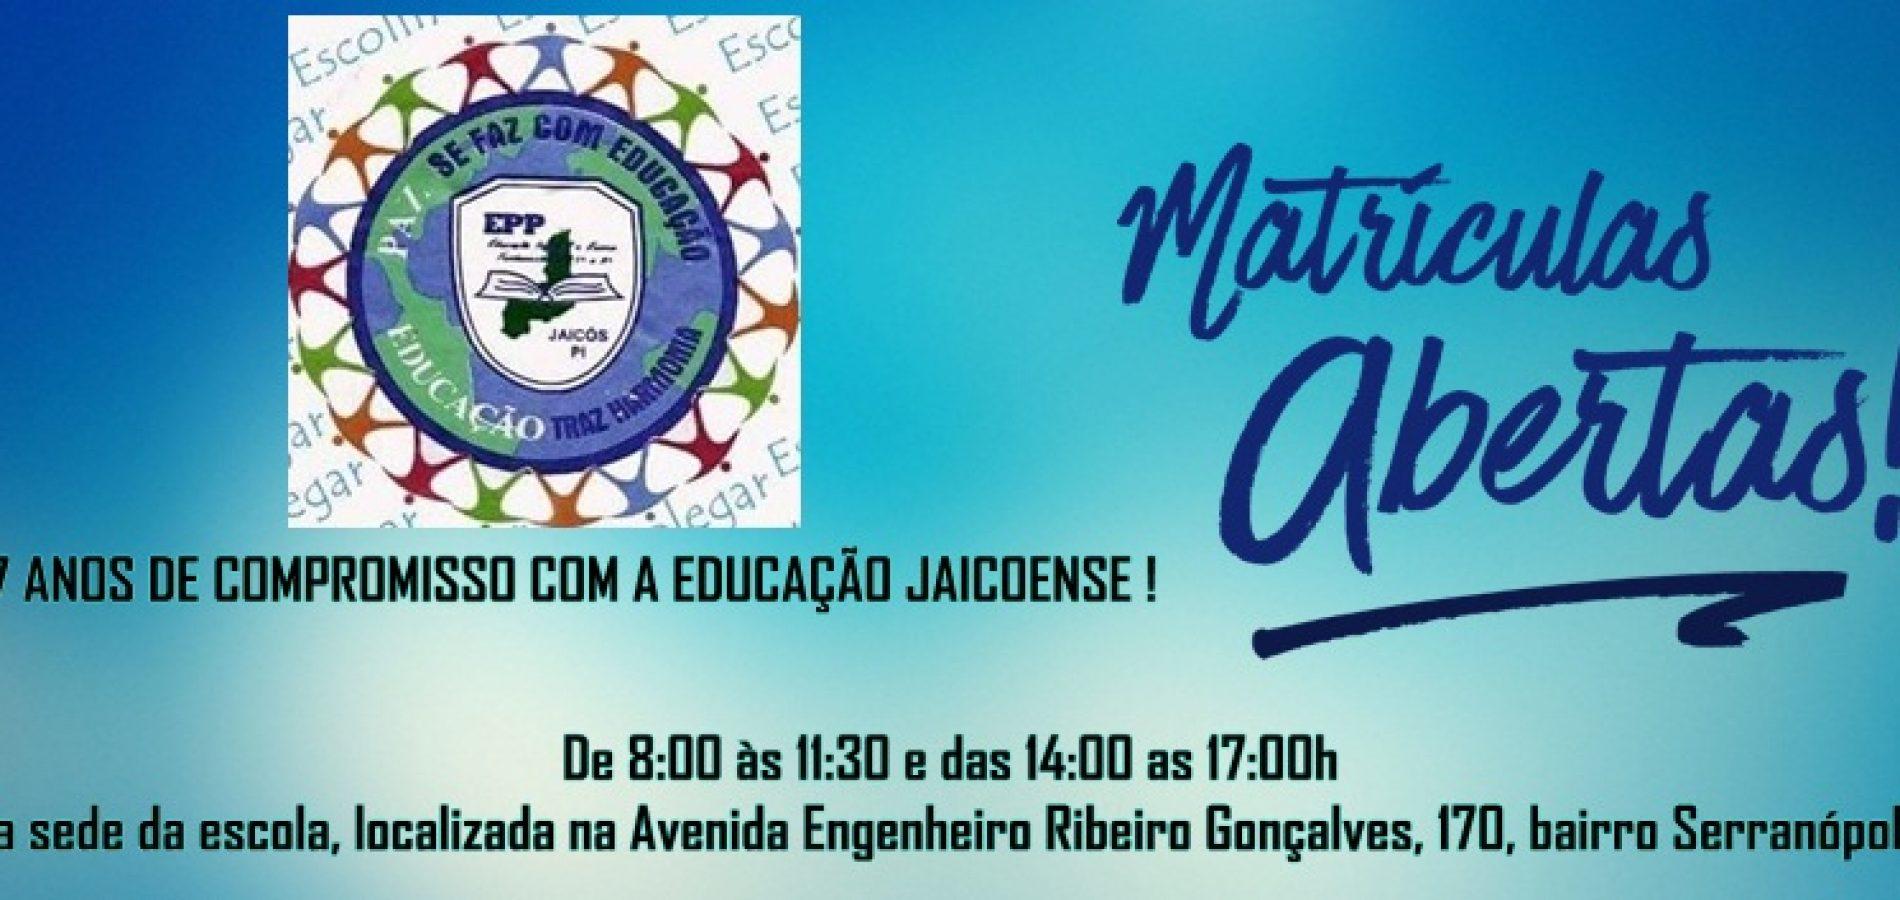 JAICÓS   Escola Pequeno Polegar está com matrículas abertas e realizará Feirão do Livro no dia 06